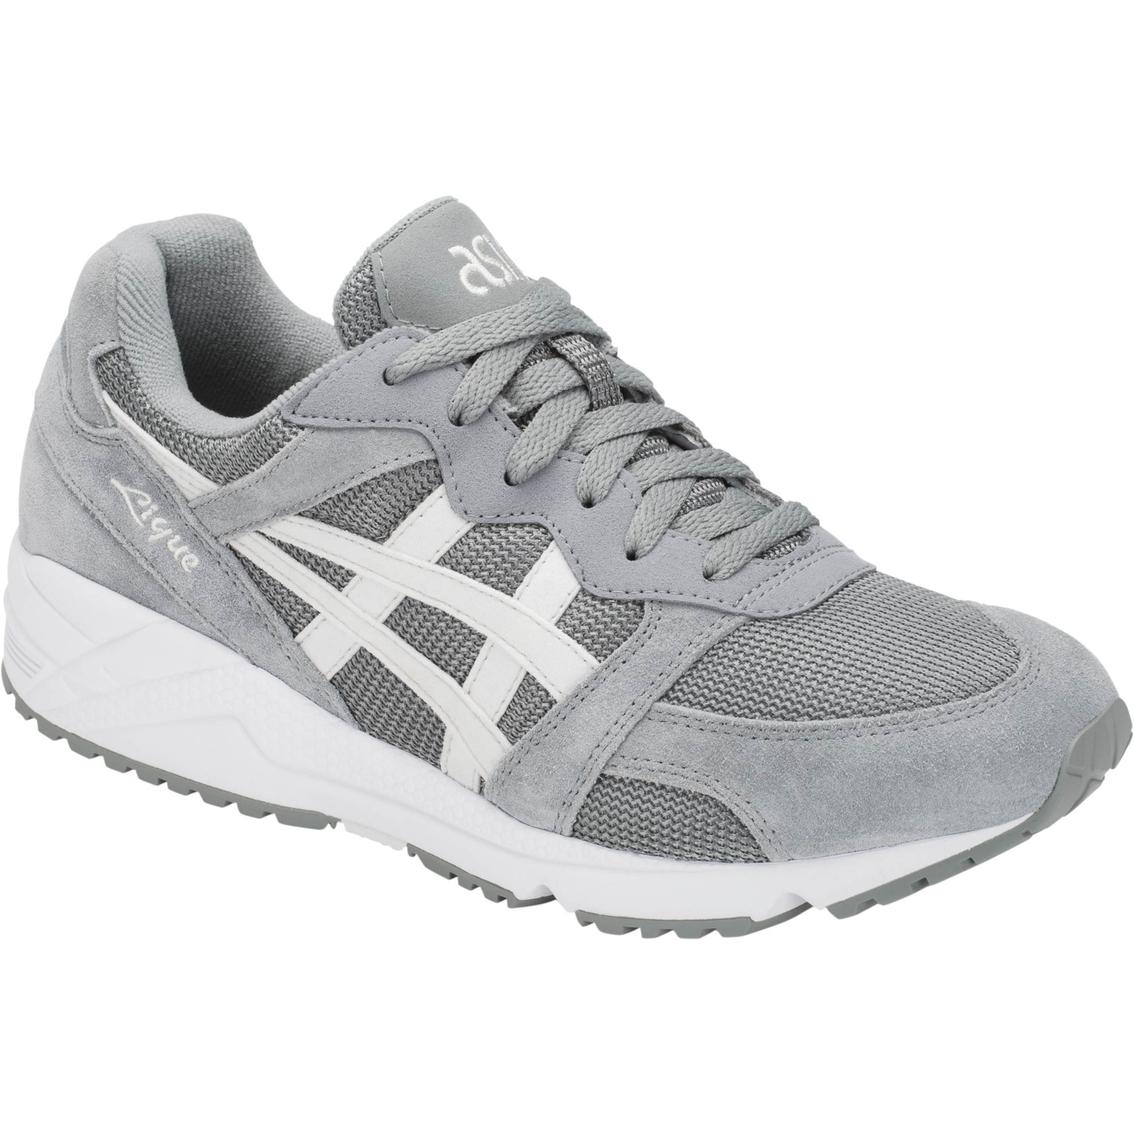 9a8302739768 Asics Men s Tiger Gel Lique Sneakers